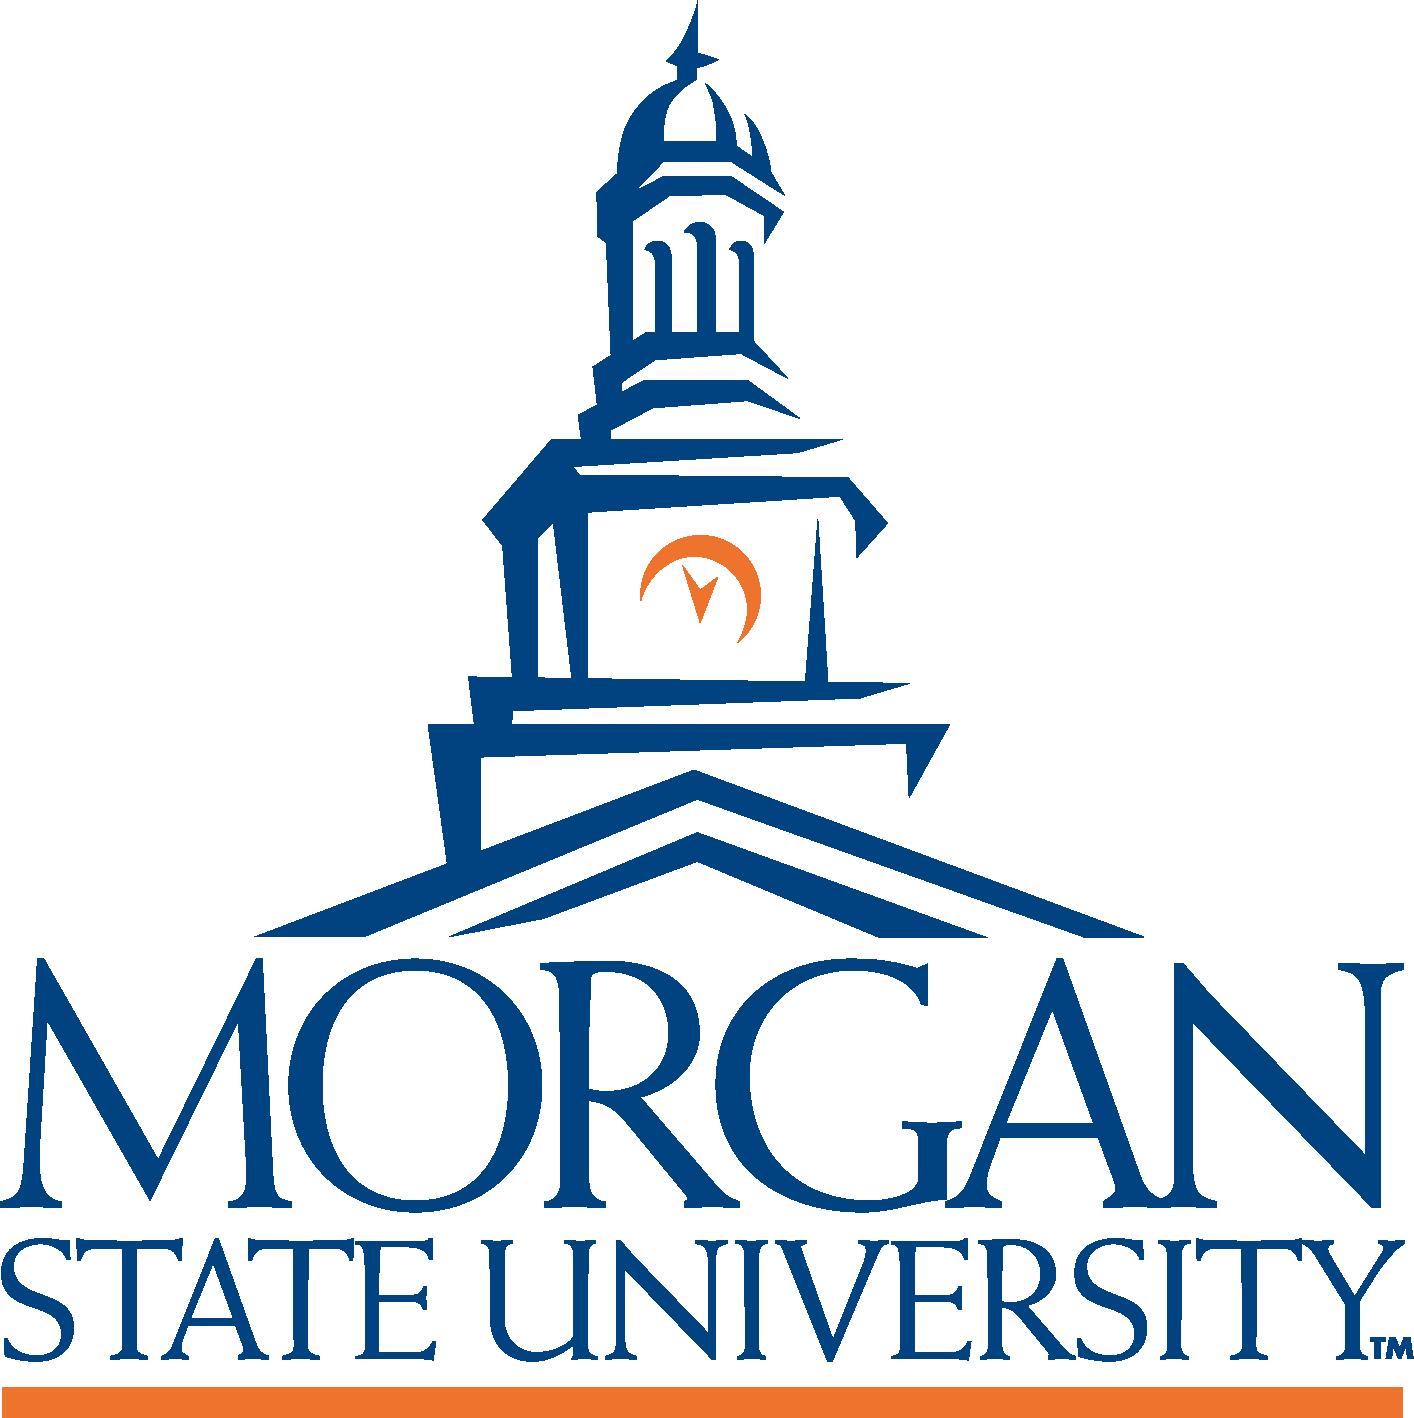 Morgan State University Logo (MSU) png